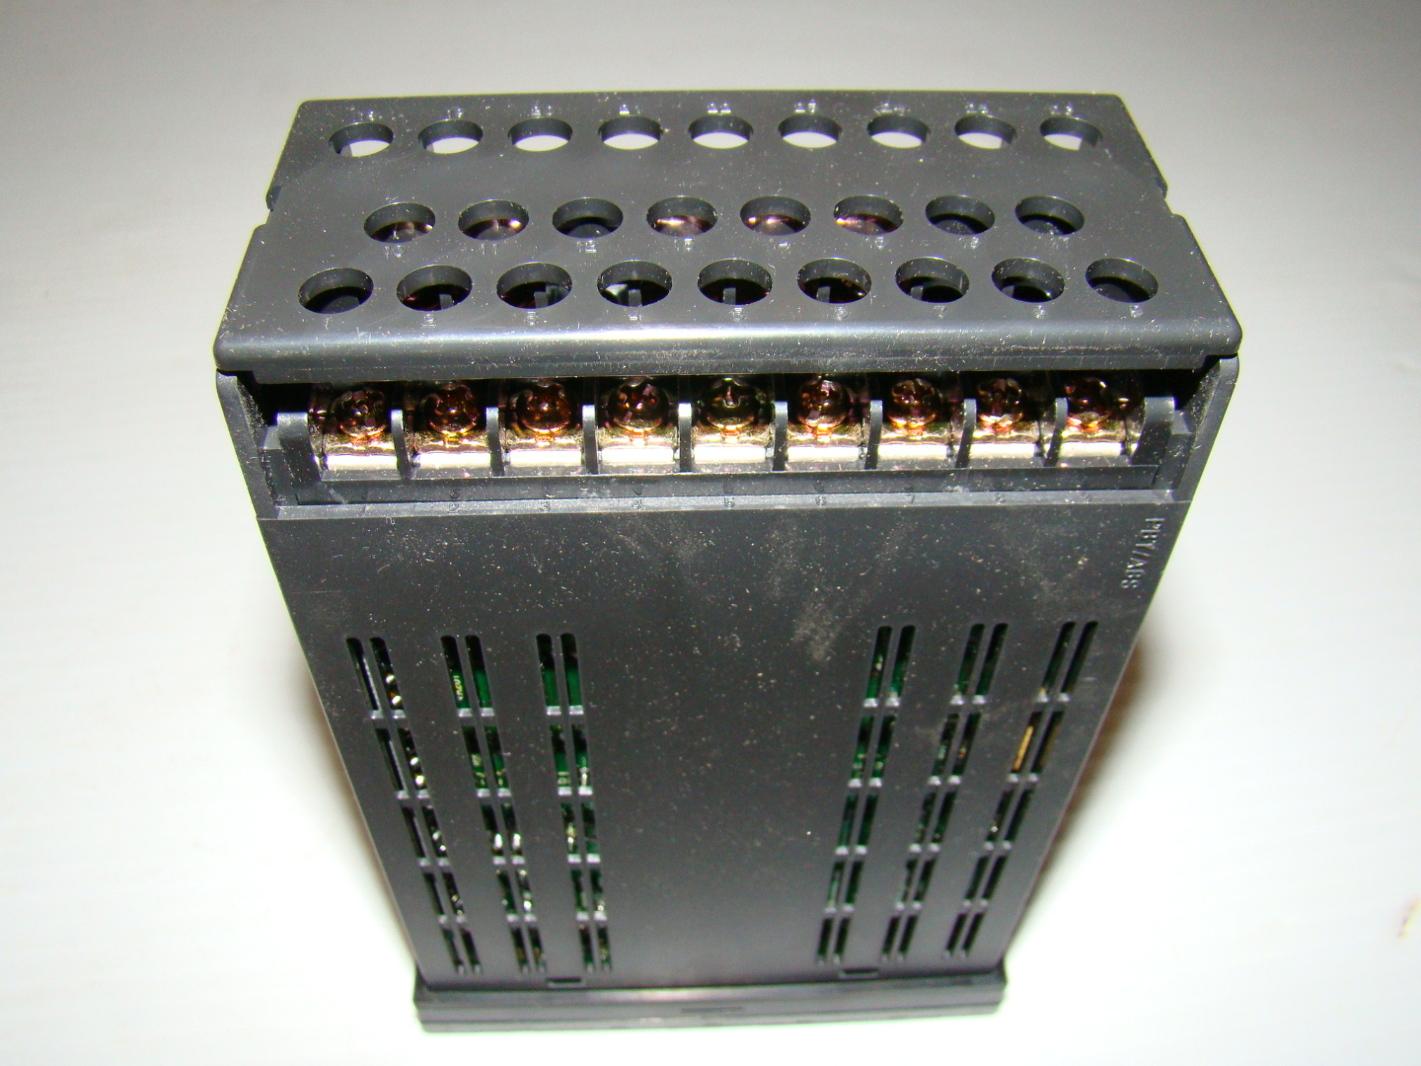 Omron Digital Panel Meter : Omron frequency rate digital panel meter k nr nb a ebay